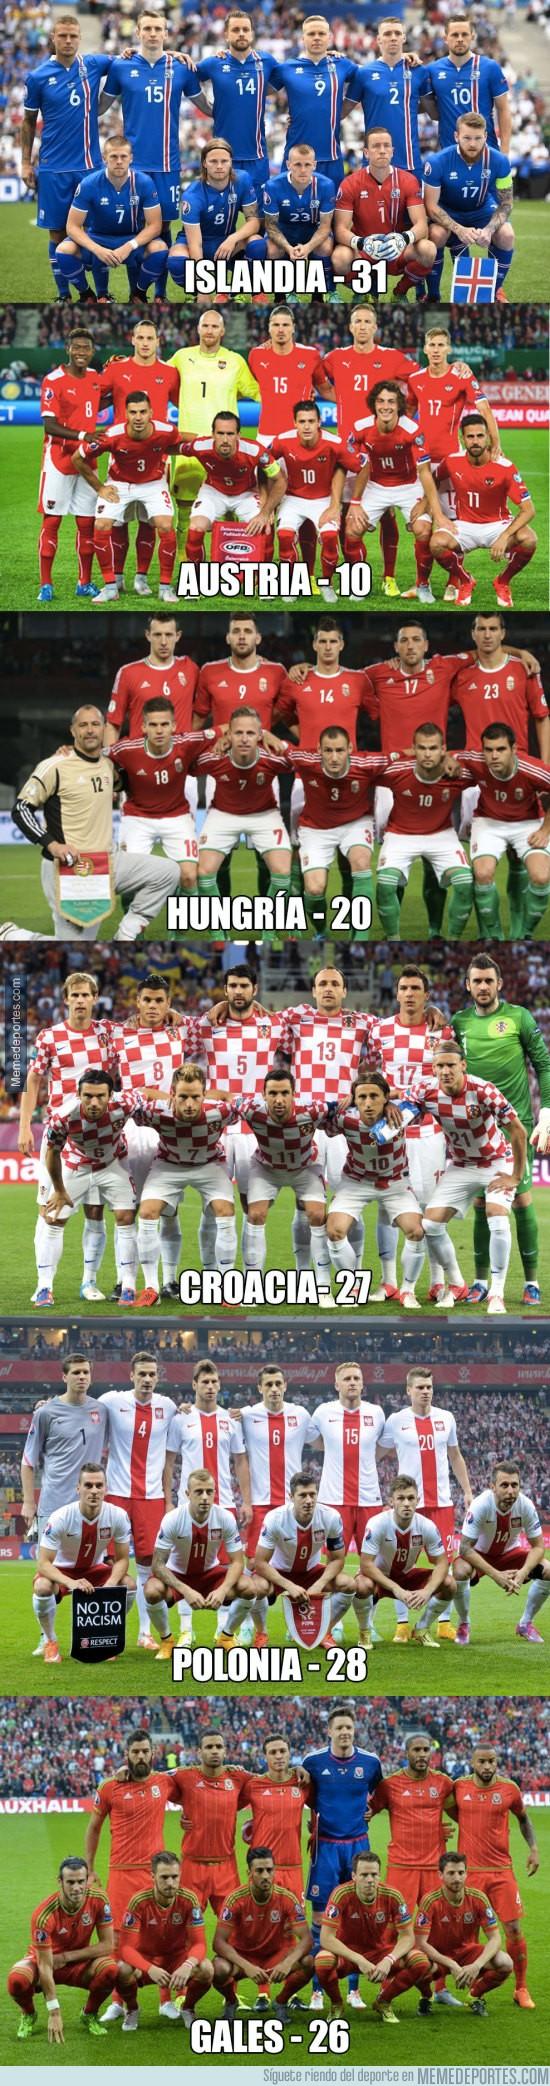 886775 - Ránking FIFA de los rivales de Portugal en su camino hacia la final